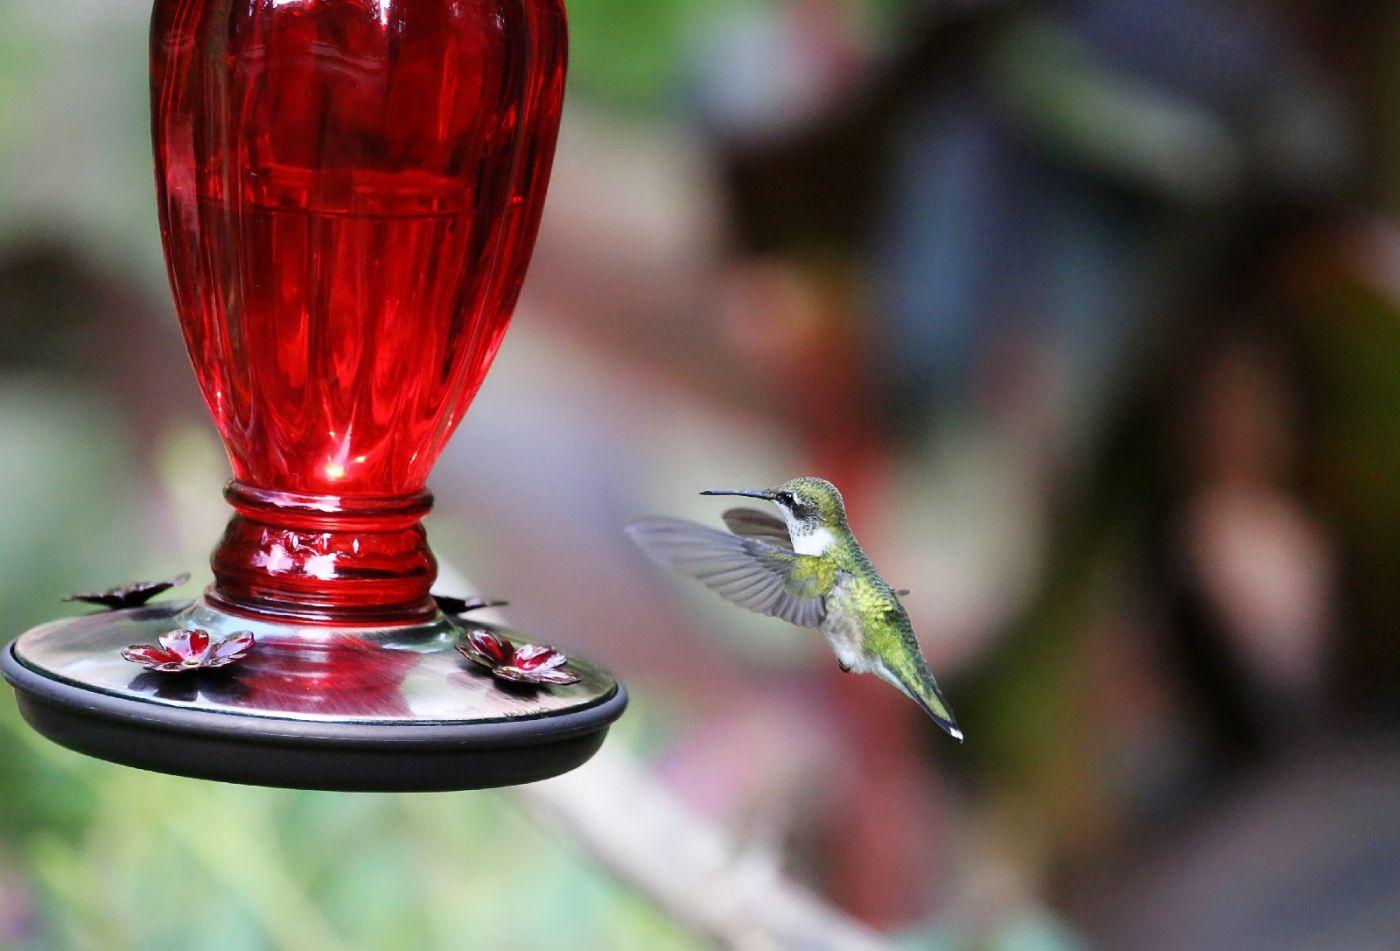 【田螺摄影】在纽约city找蜂鸟拍不难_图1-31